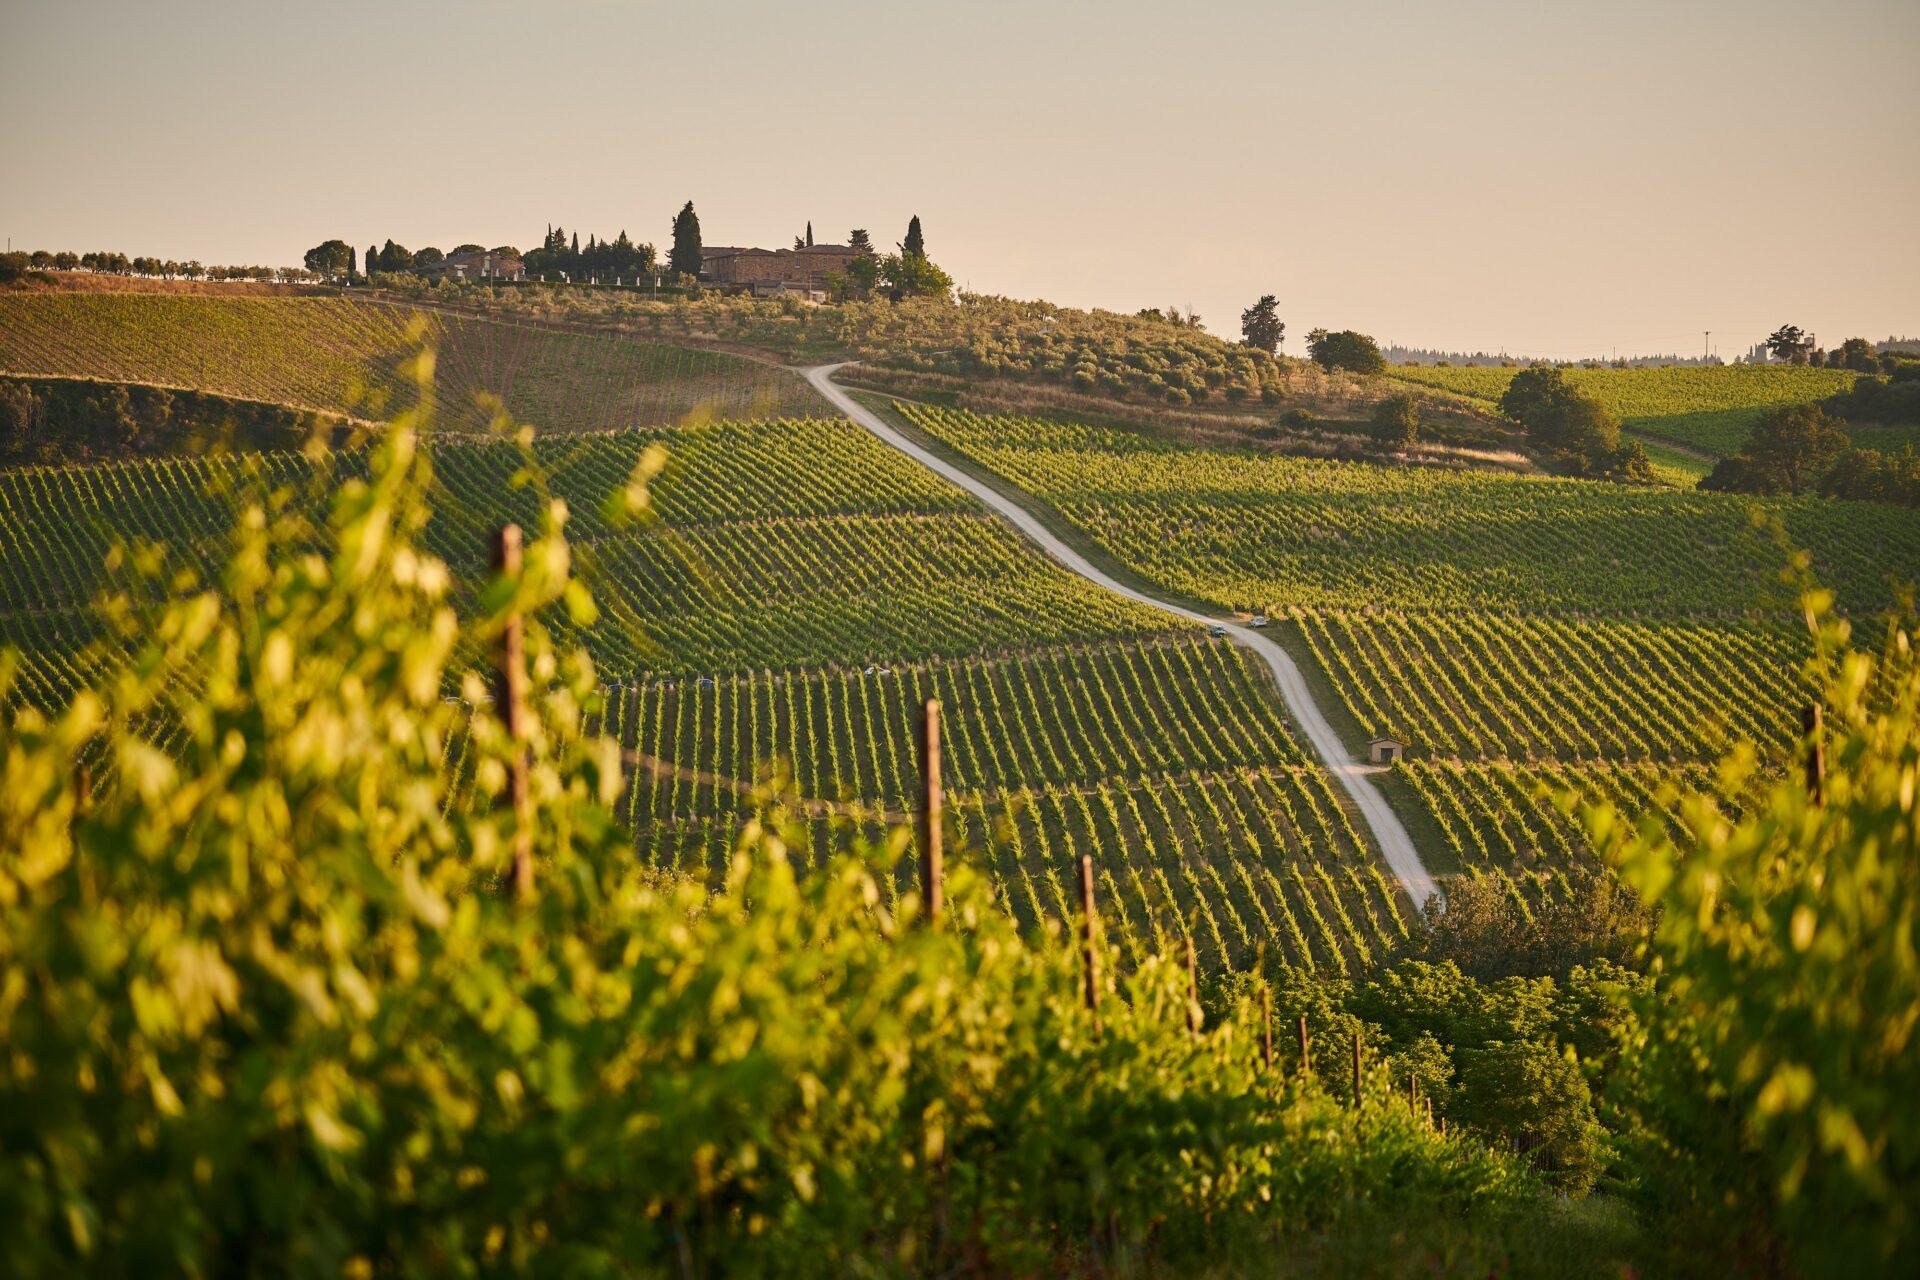 Volume di produzione di vino e mosto in Italia al 25 ottobre 2020, per regione